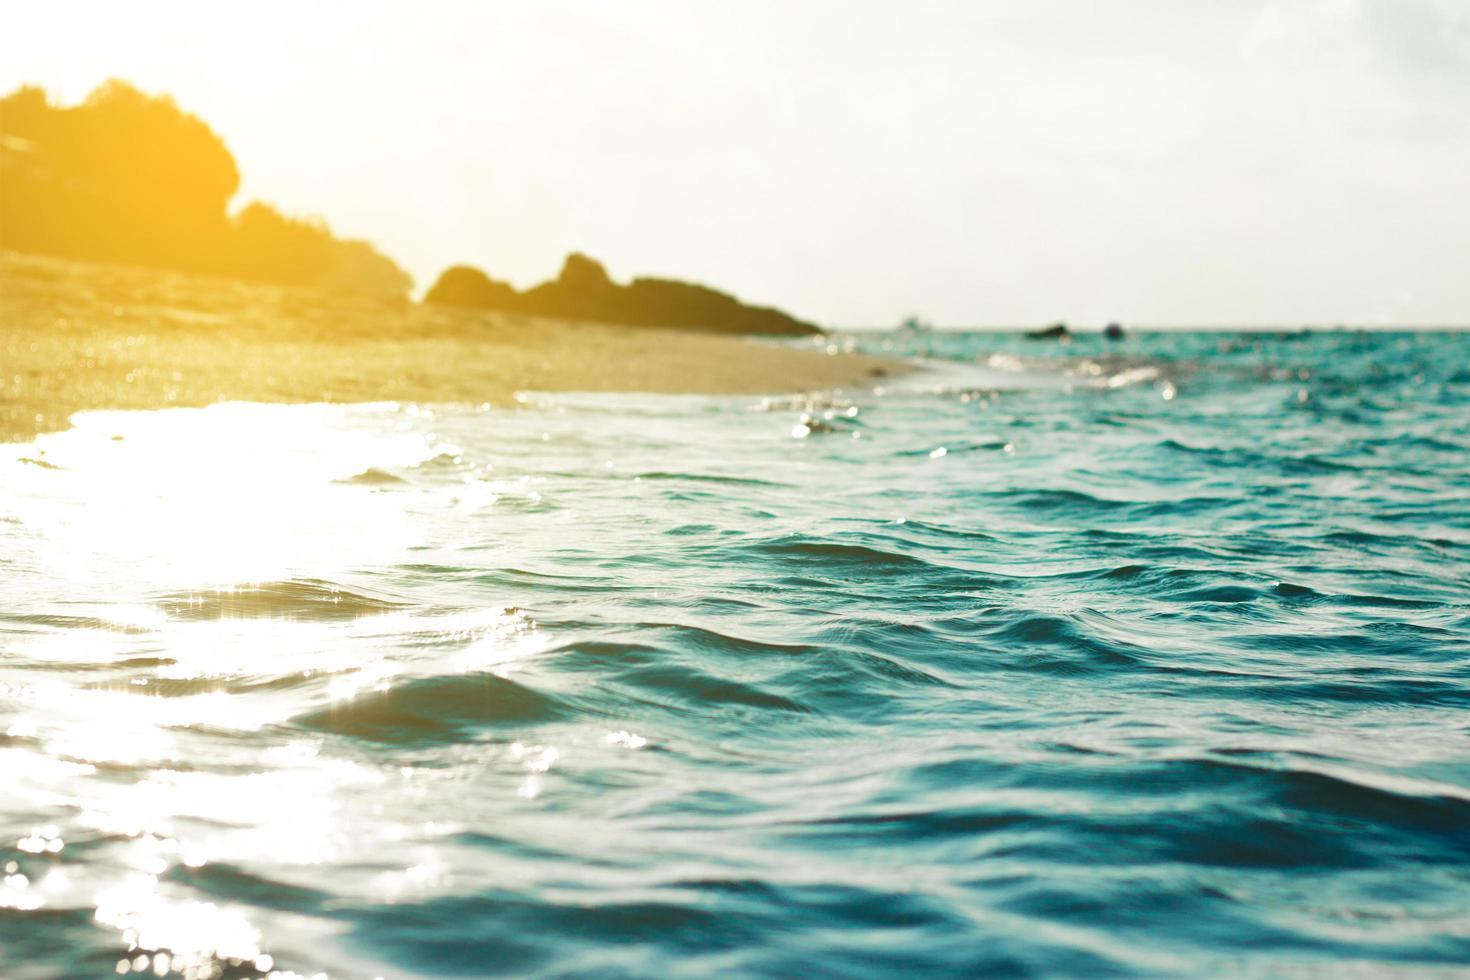 sabbia e acqua in spiaggia con cielo blu chiaro foto